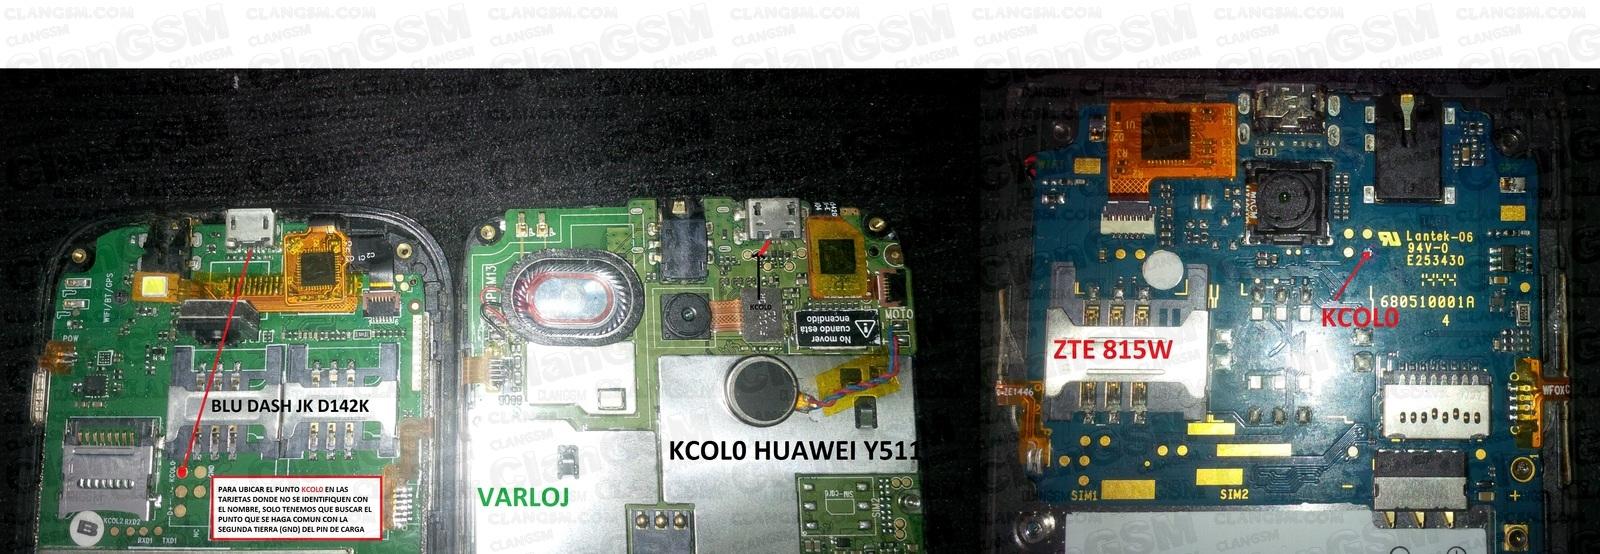 Identifica Kcol0 En Cualquier Mtk - Clan GSM - Unión de los